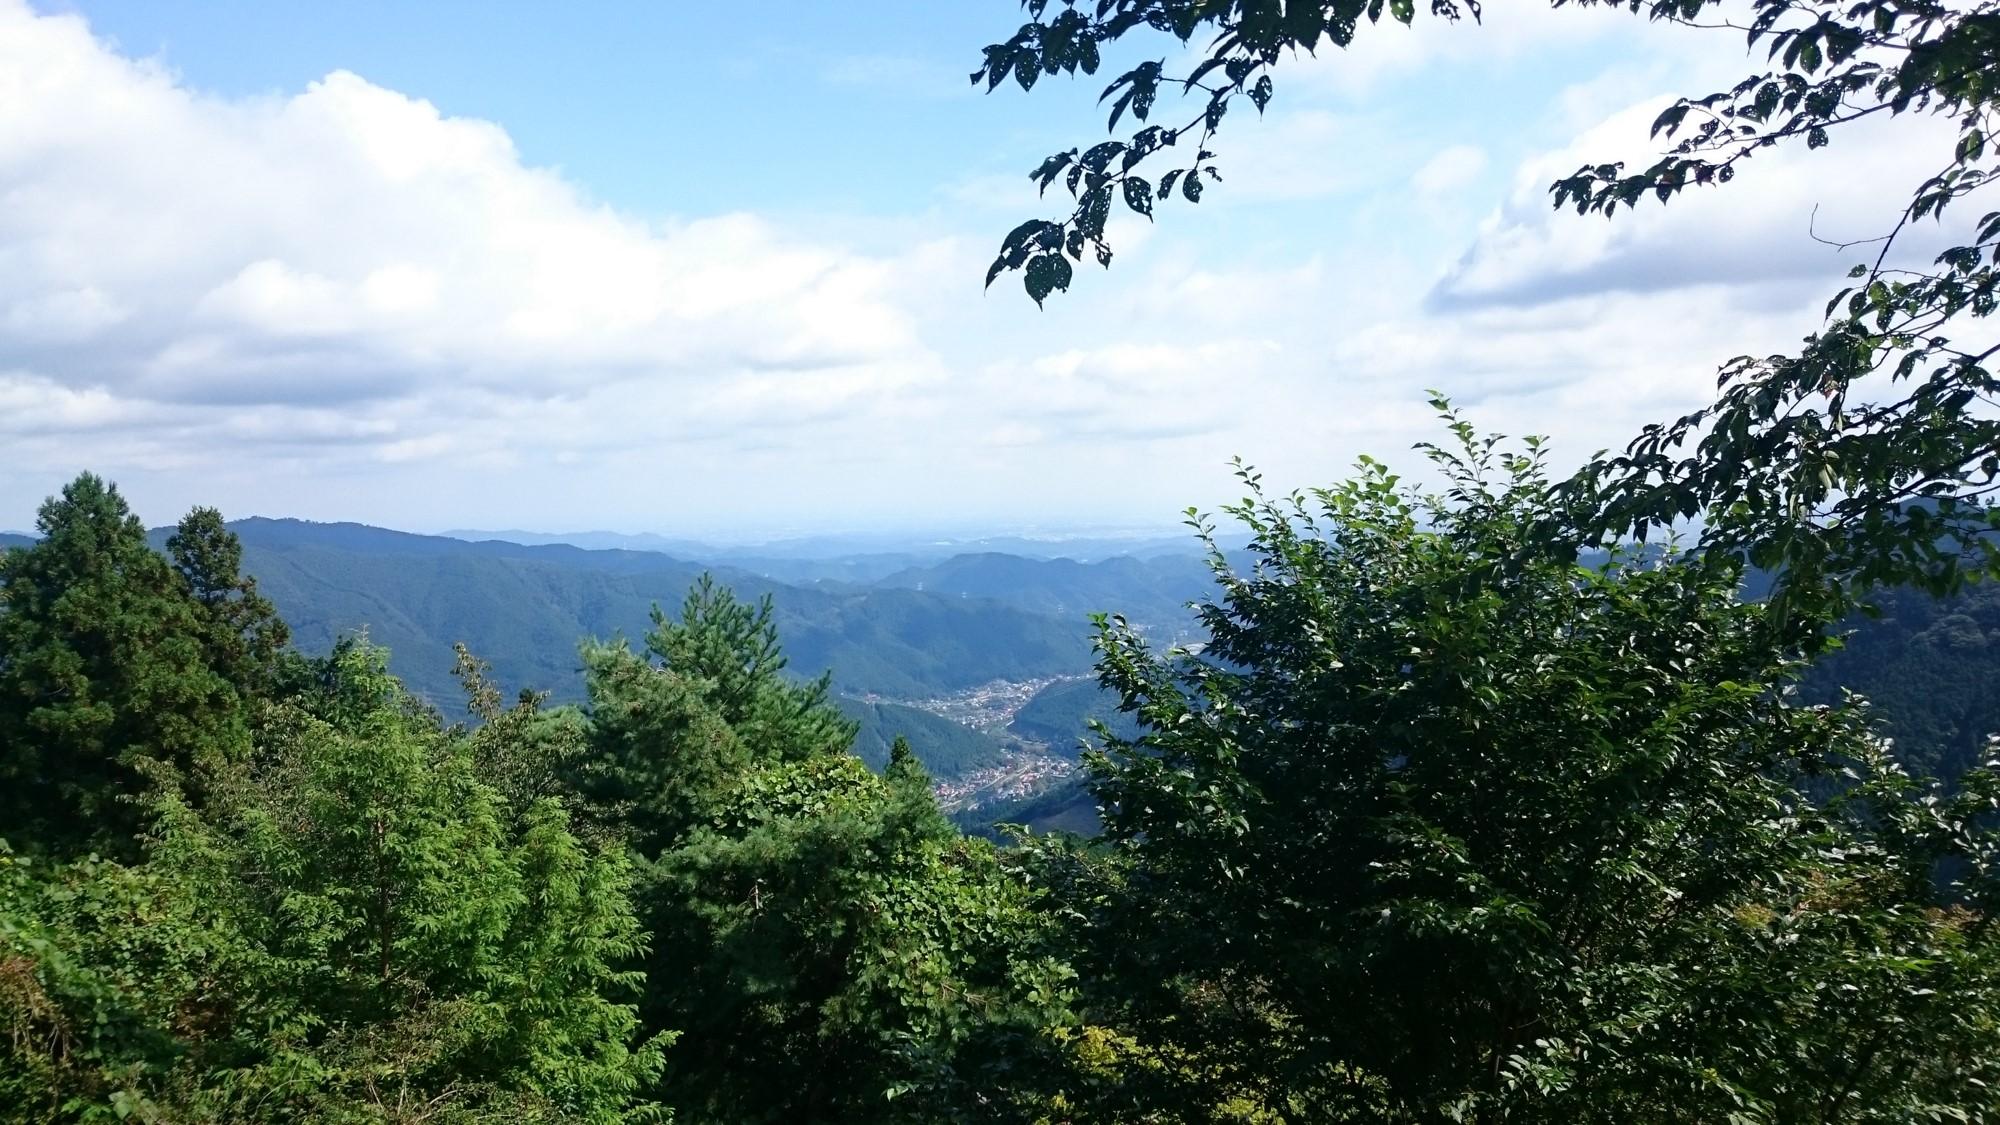 御岳山の山頂への道中